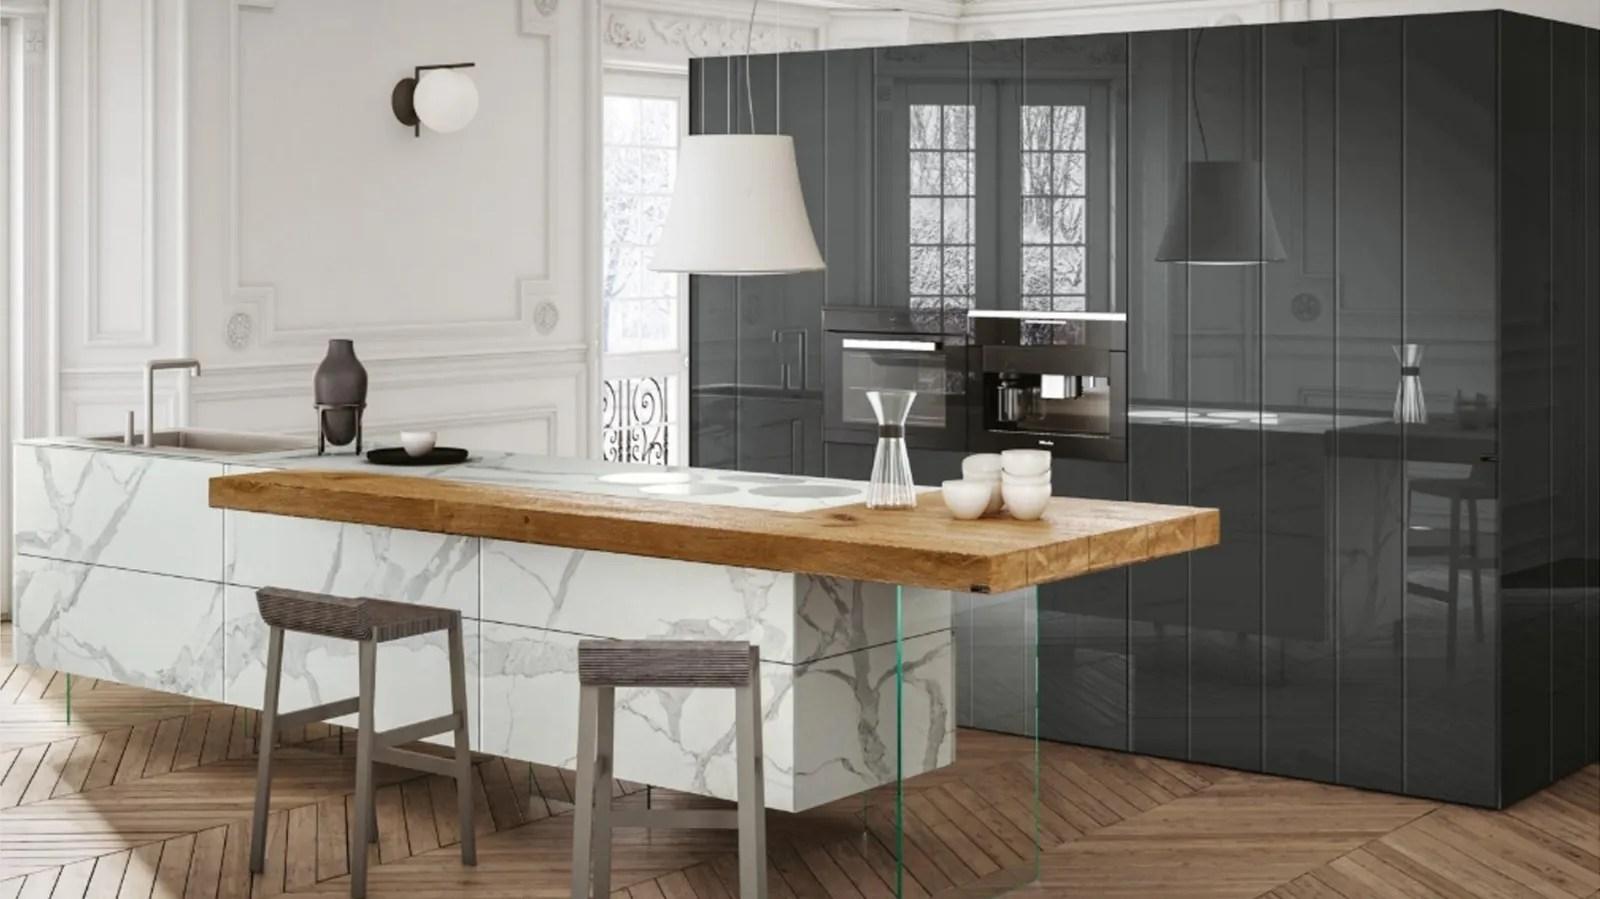 Soggiorno con cucina a vista: Cucina Openspace Arredala Seguendo I Nostri Consigli